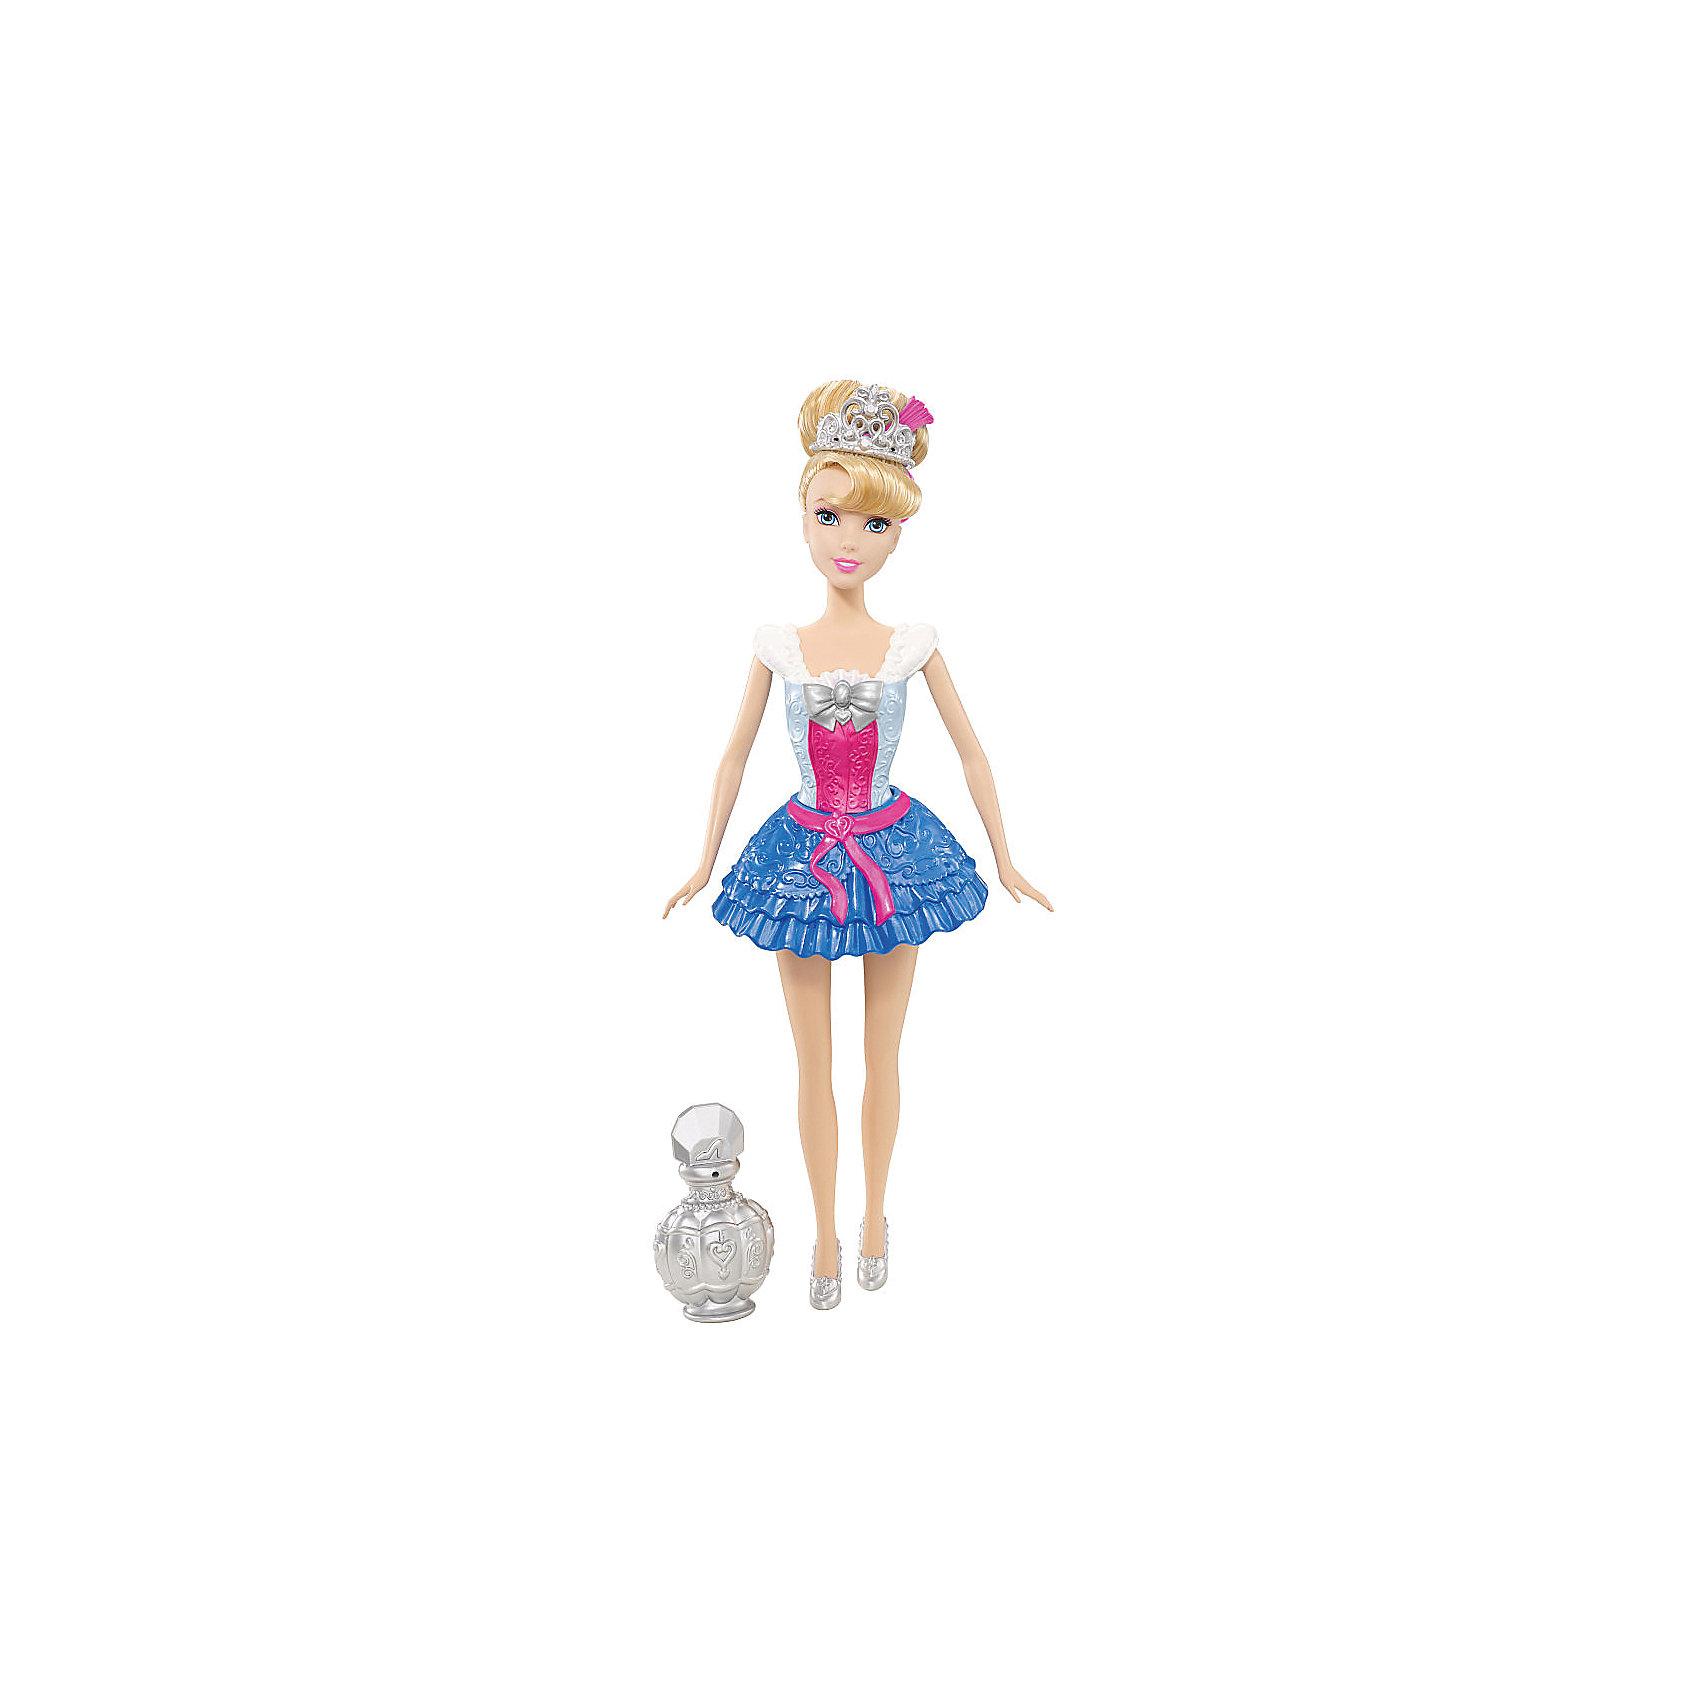 Кукла Золушка, Принцессы ДиснейИгрушки<br>Кукла Золушка, Принцессы Дисней<br><br>Характеристики куклы Mattel:<br><br>• высота Золушки: 28 см;<br>• особенности куклы: игрушка для ванны;<br>• подвижные конечности куклы: руки и ноги поднимаются и опускаются;<br>• обратите внимание: руки не сгибаются в локтях, а ноги не сгибаются в коленях;<br>• специальный спрей во флаконе изменяет цвет платья красавицы и цвет ее волос;<br>• размер упаковки: 32х15х6 см;<br>• вес: 300 г.<br><br>Изящная Золушка в коротеньком платьице любит менять наряды. Ваша девочка с удовольствием поможет кукле «переодеться». Входящий в комплект флакончик со спреем позволяет изменить цвет платья и волос красавицы. <br><br>Куклу Золушку, Принцессы Дисней можно купить в нашем интернет-магазине.<br><br>Ширина мм: 150<br>Глубина мм: 60<br>Высота мм: 320<br>Вес г: 301<br>Возраст от месяцев: 36<br>Возраст до месяцев: 144<br>Пол: Женский<br>Возраст: Детский<br>SKU: 4739604